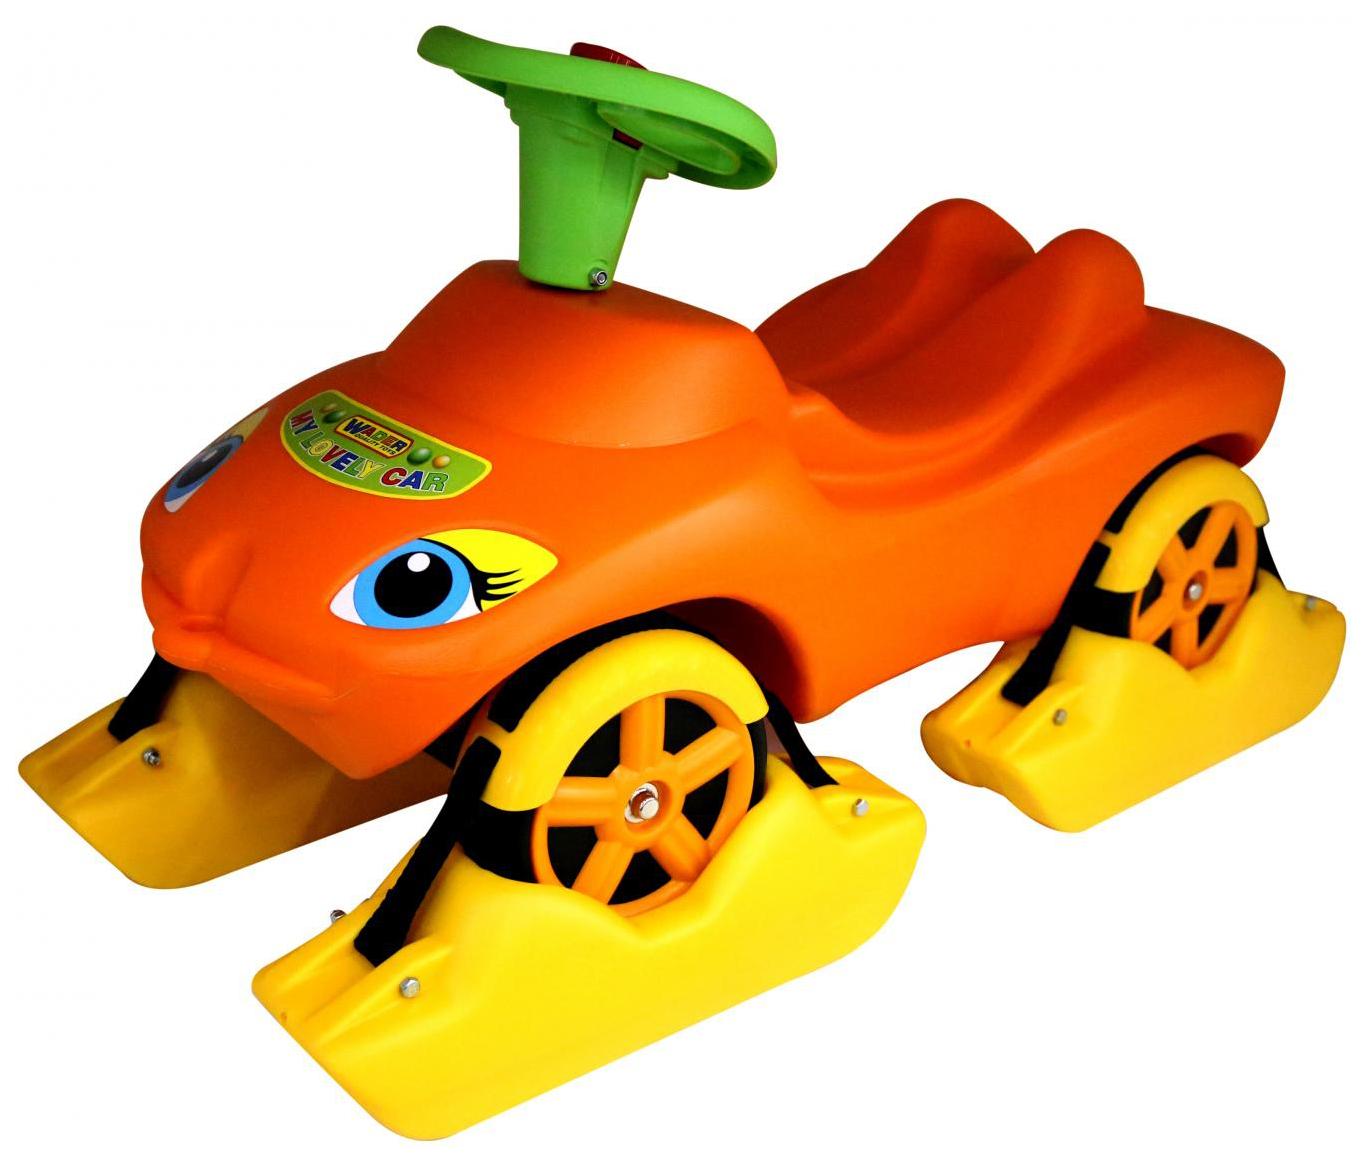 Каталка Wader Мой любимый автомобиль оранжевая со звуковым сигналом фото